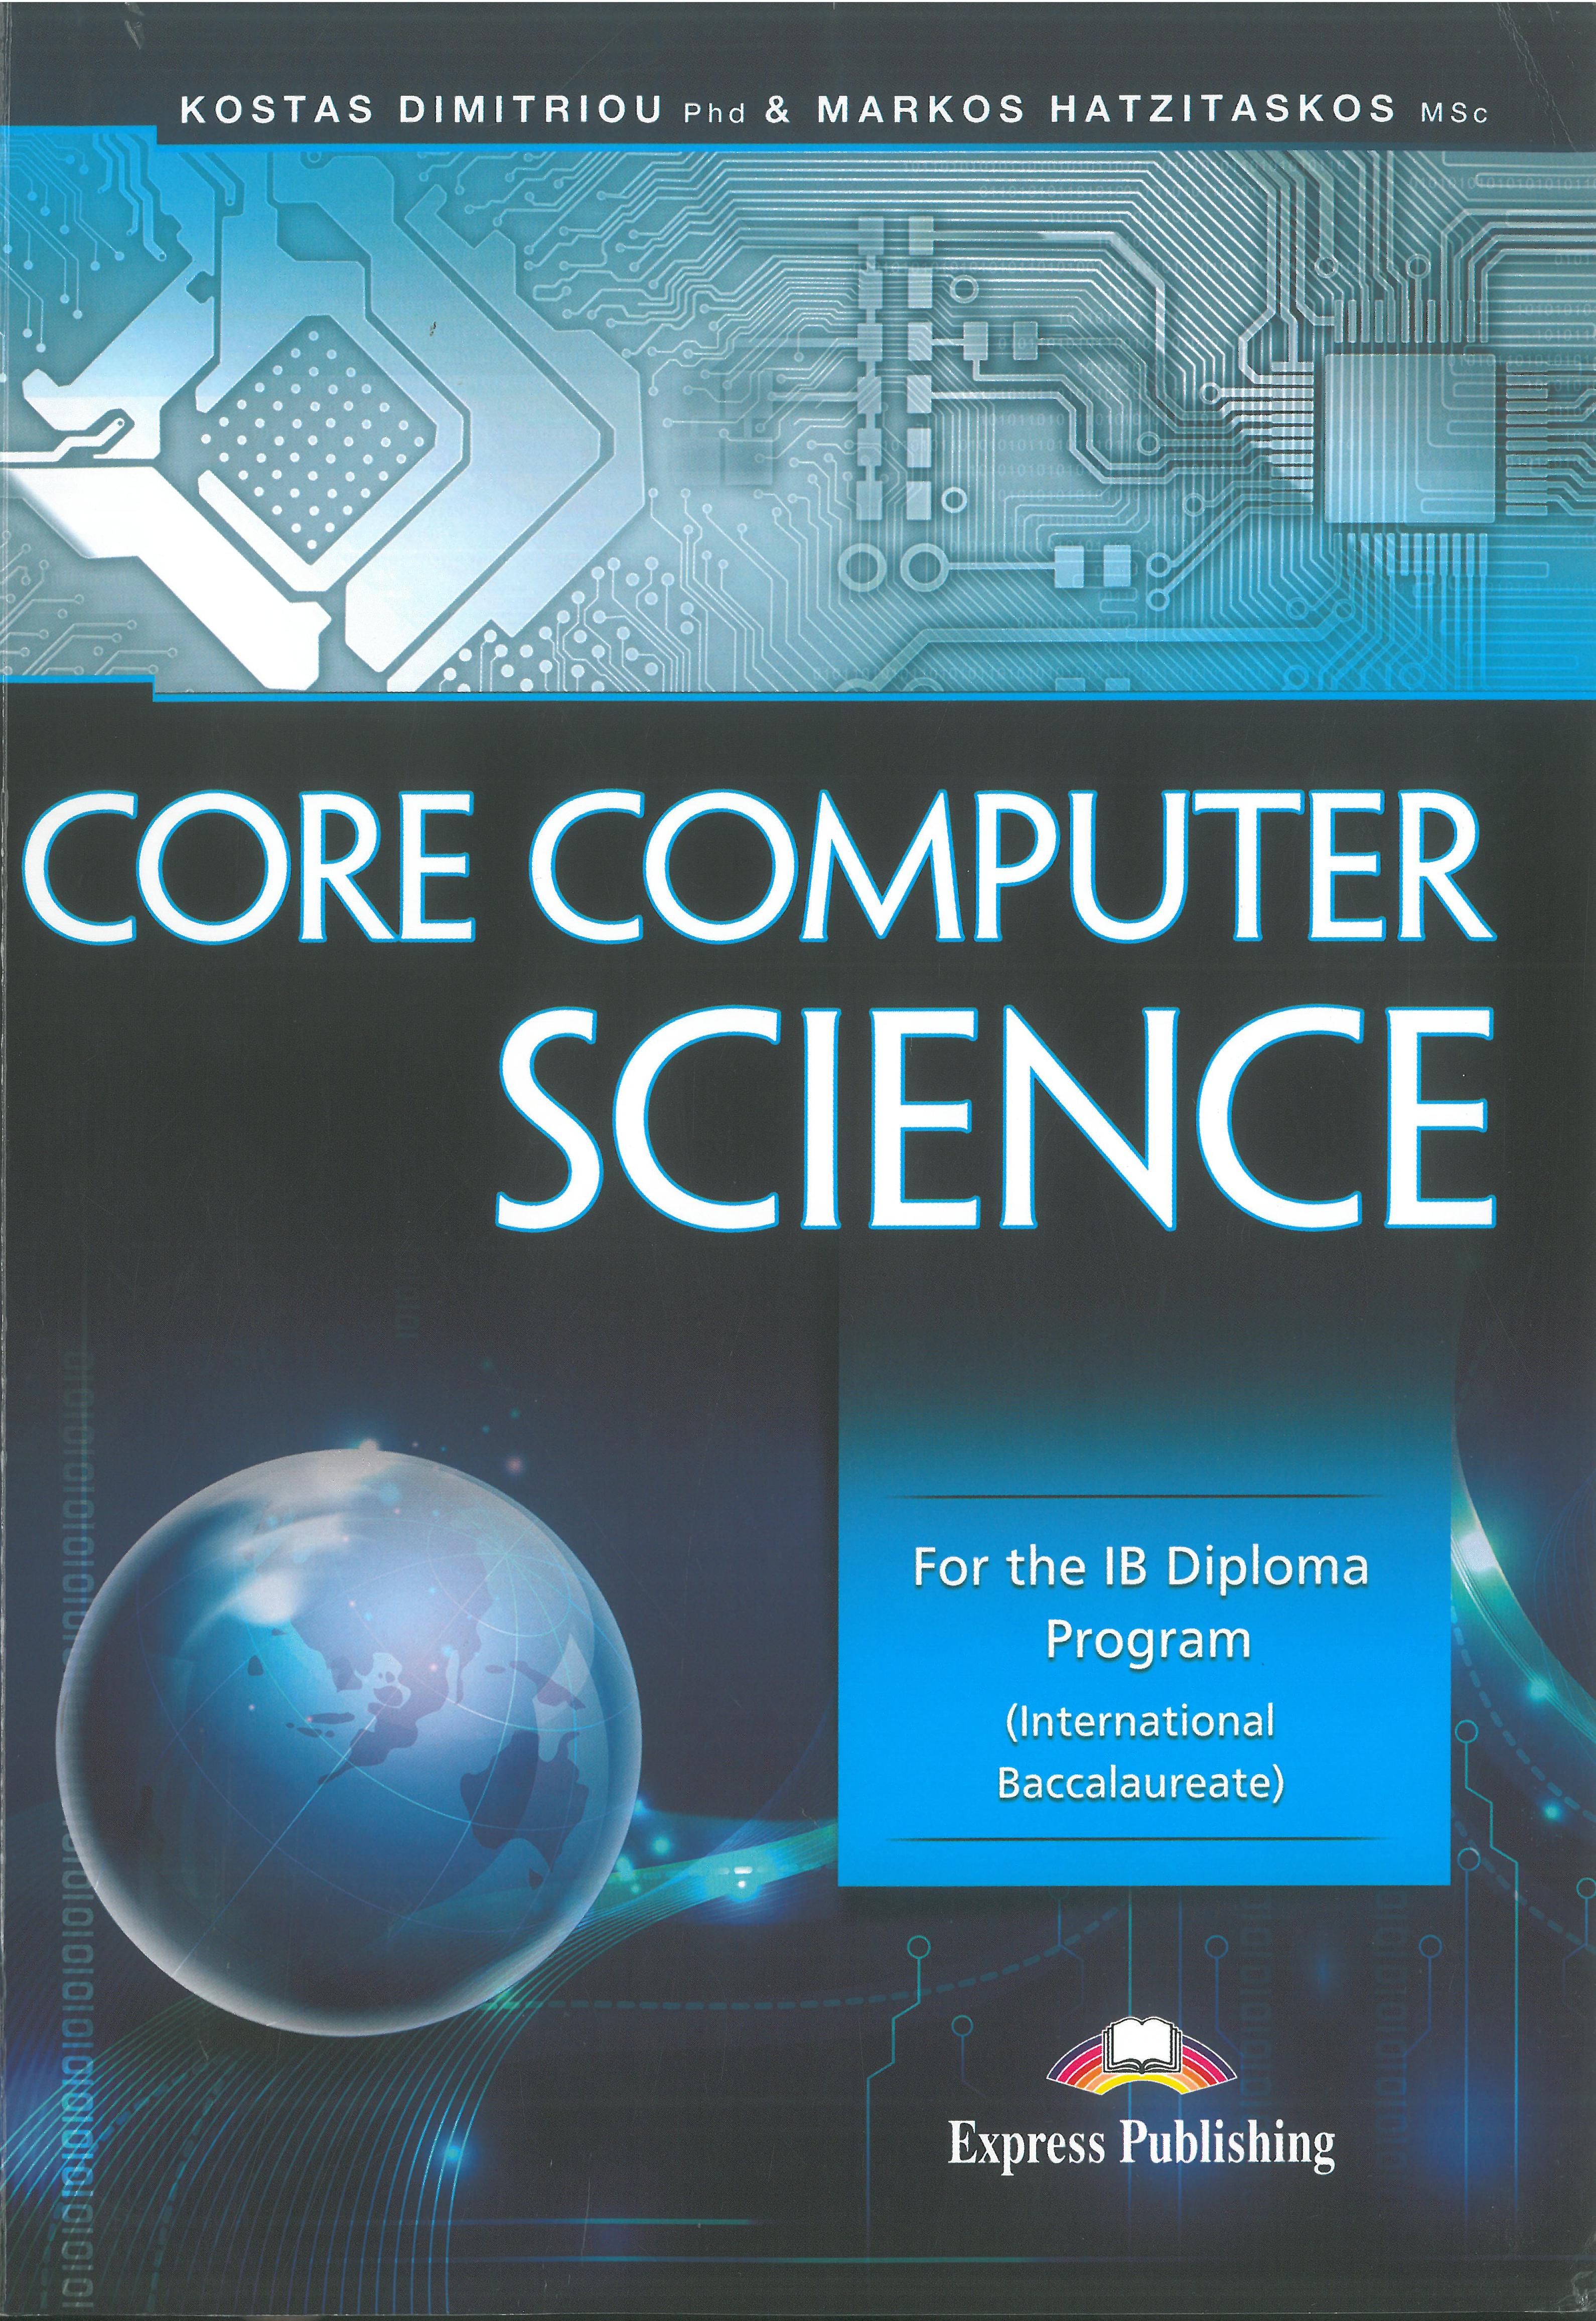 历年国际IB Computer Science课程教材课本